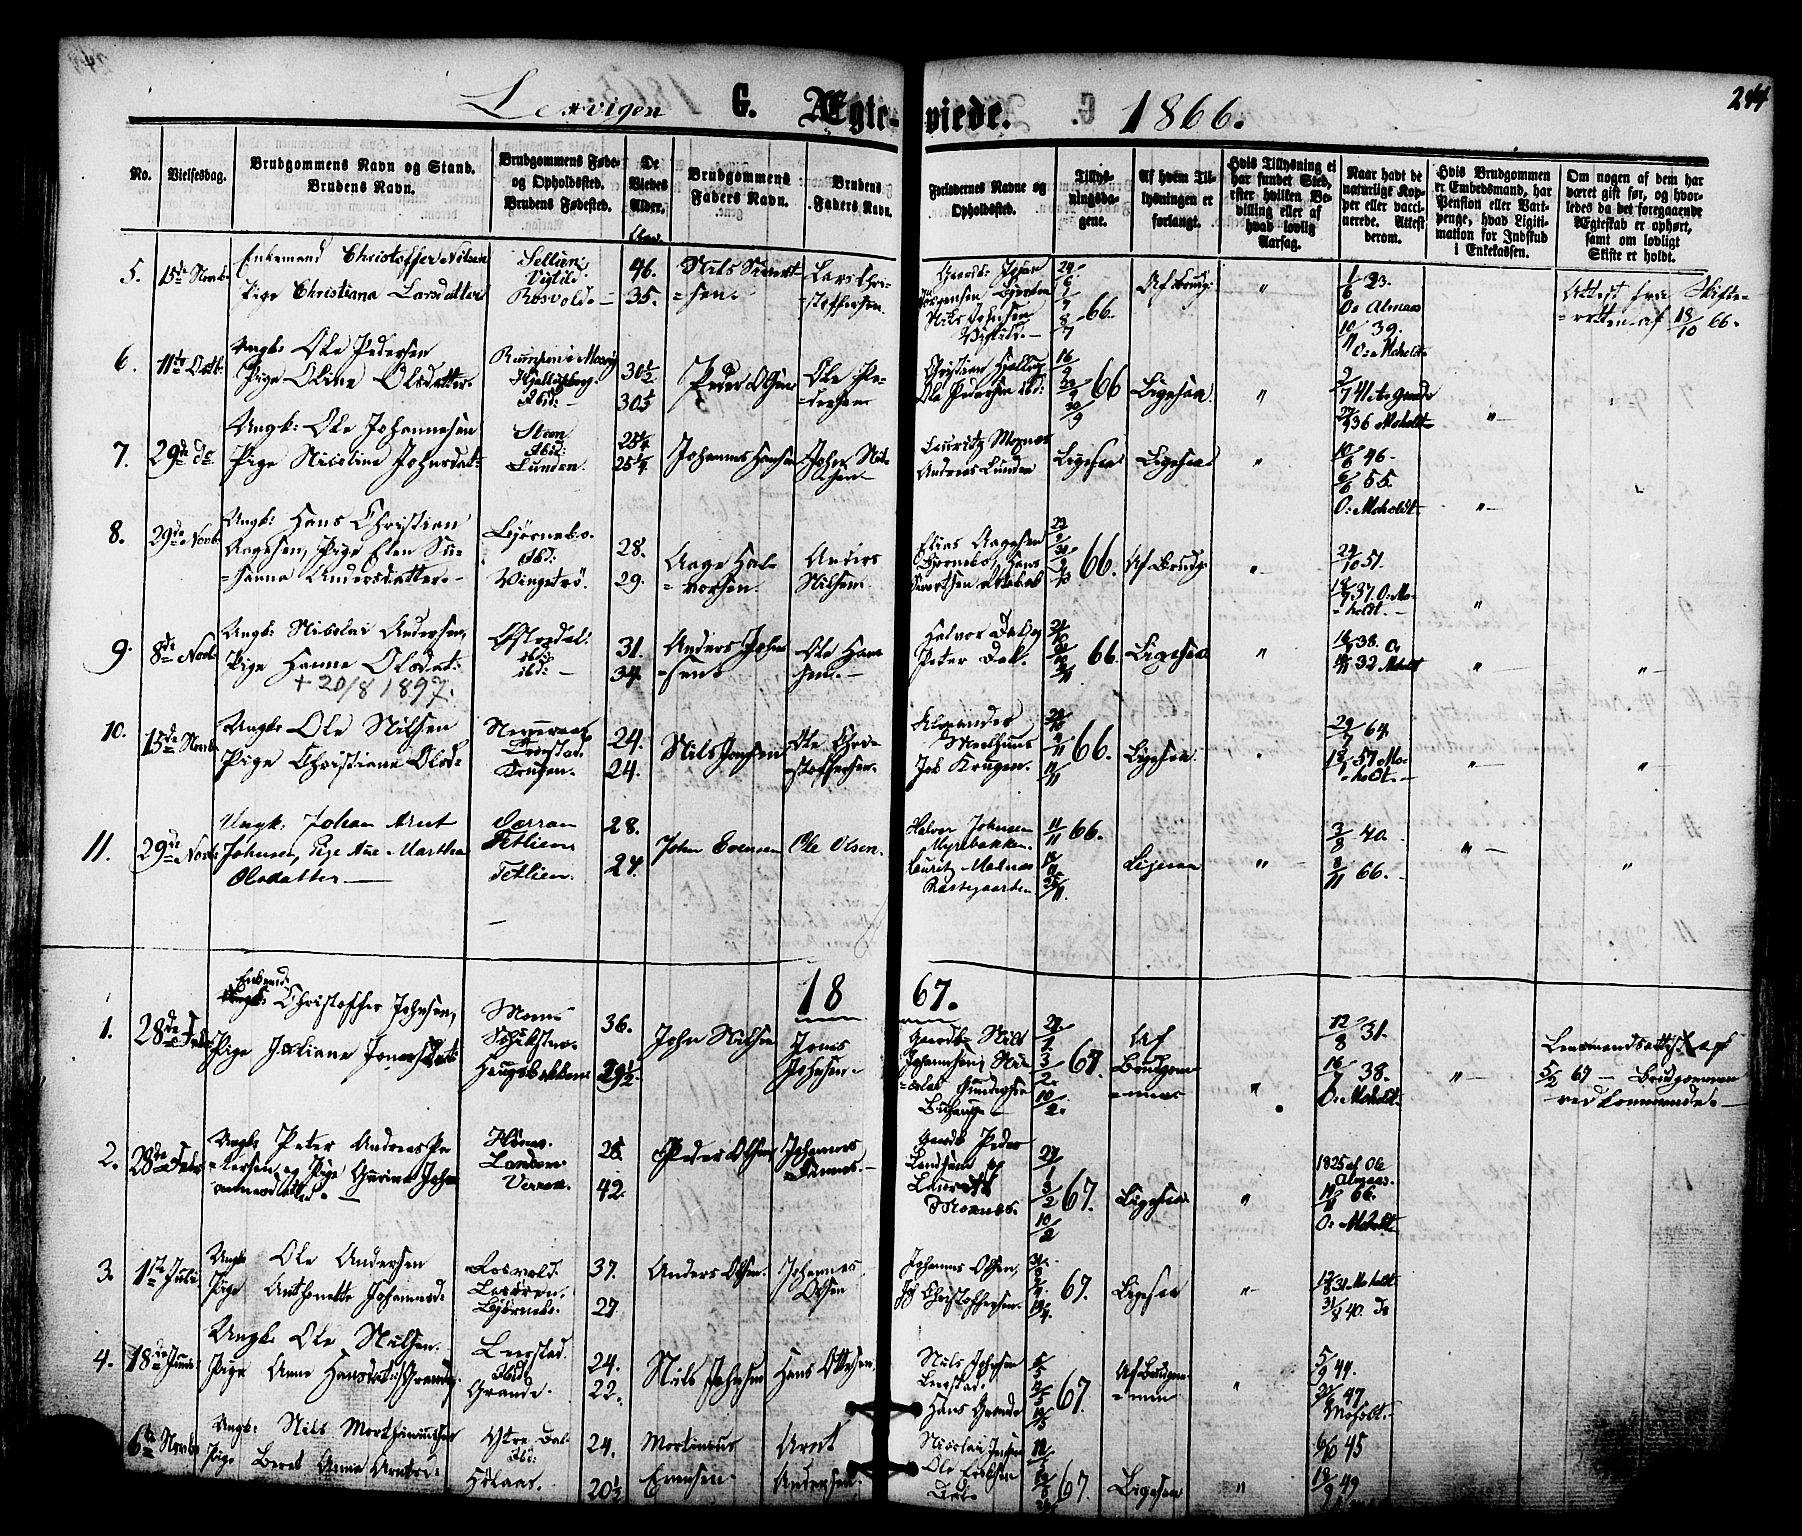 SAT, Ministerialprotokoller, klokkerbøker og fødselsregistre - Nord-Trøndelag, 701/L0009: Ministerialbok nr. 701A09 /1, 1864-1882, s. 244